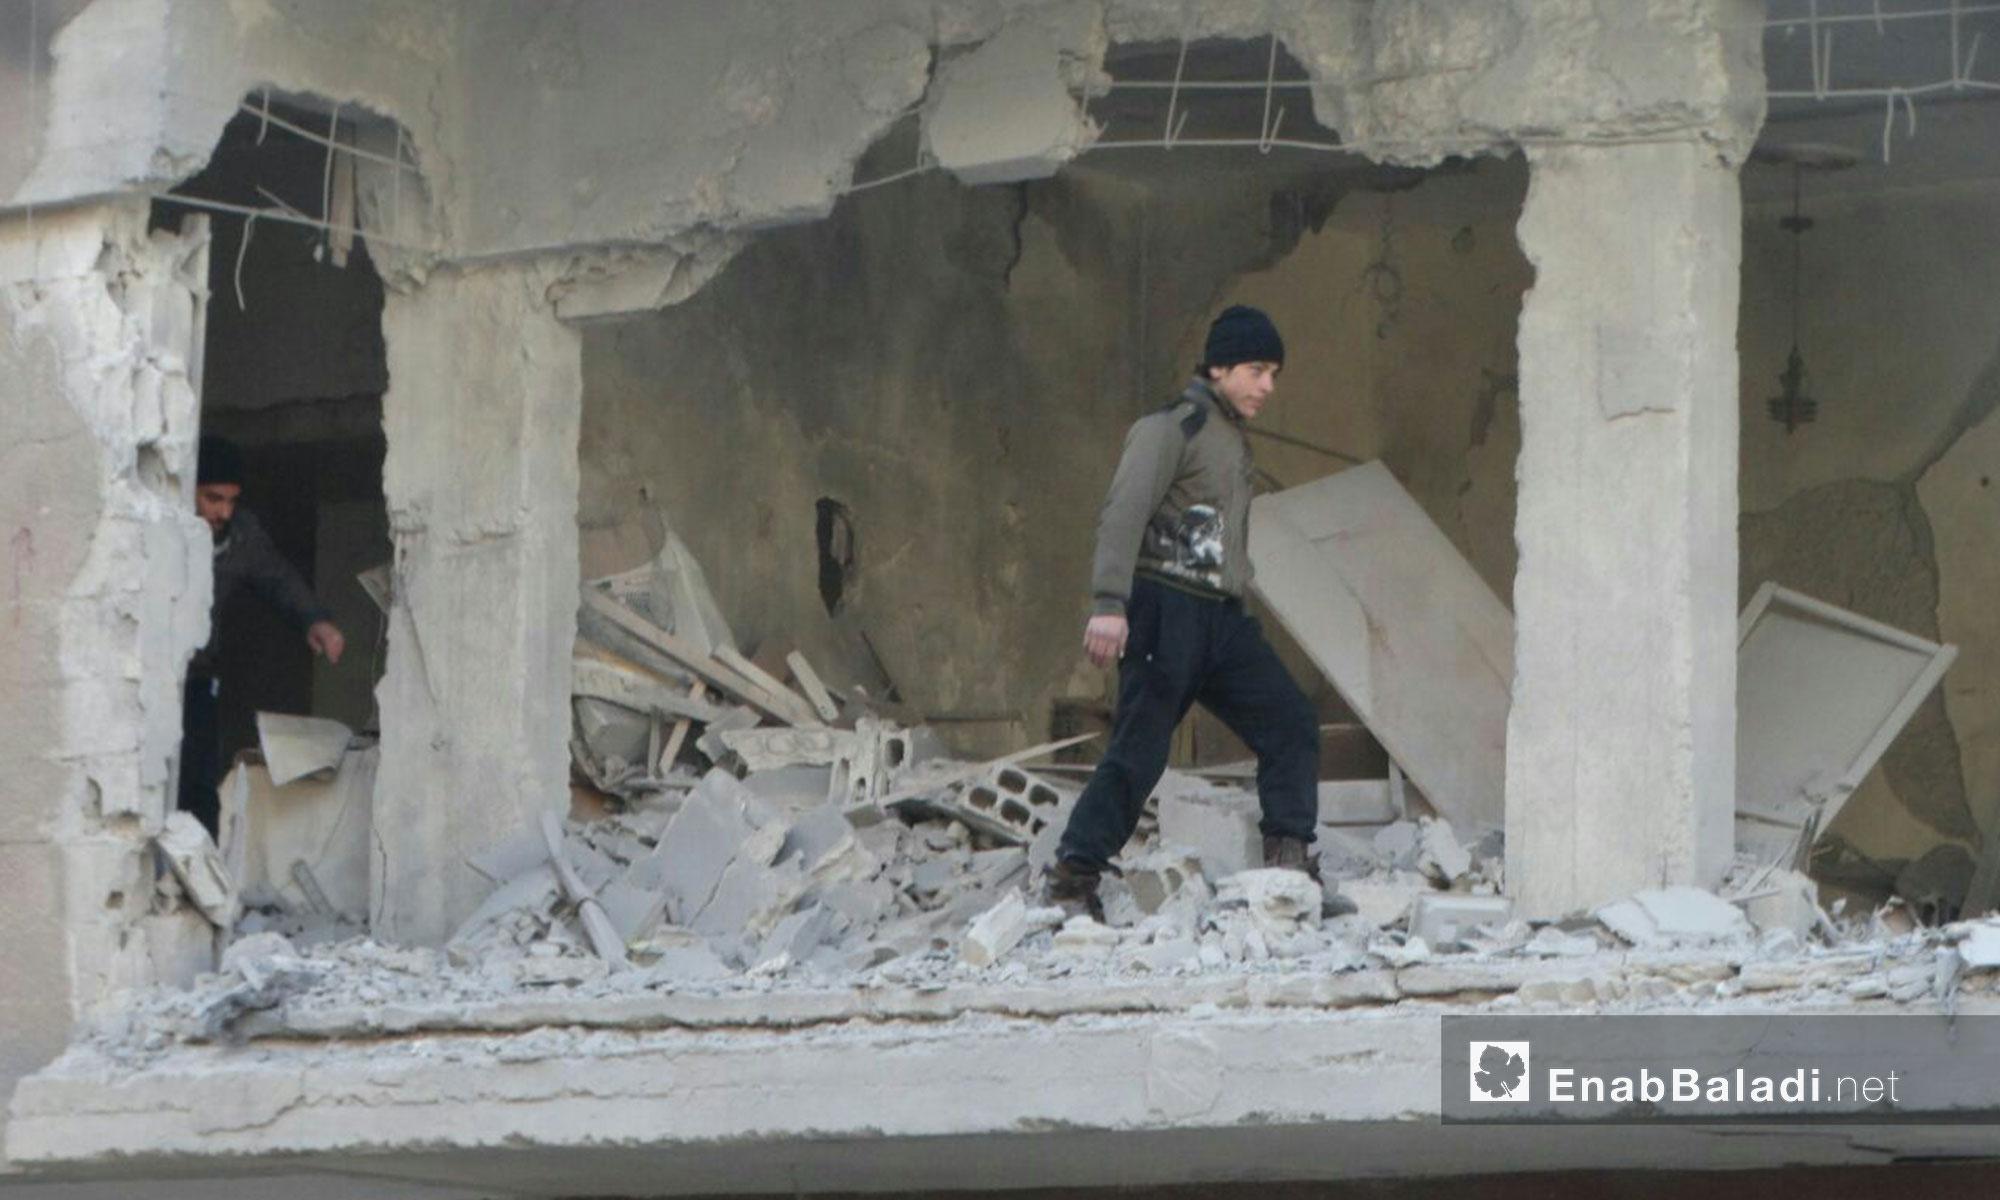 سكان حي الوعر في حمص يتفقدون ما حلّ بمنازلهم بعد يوم من القصف - 9 شباط 2017 (عنب بلدي)